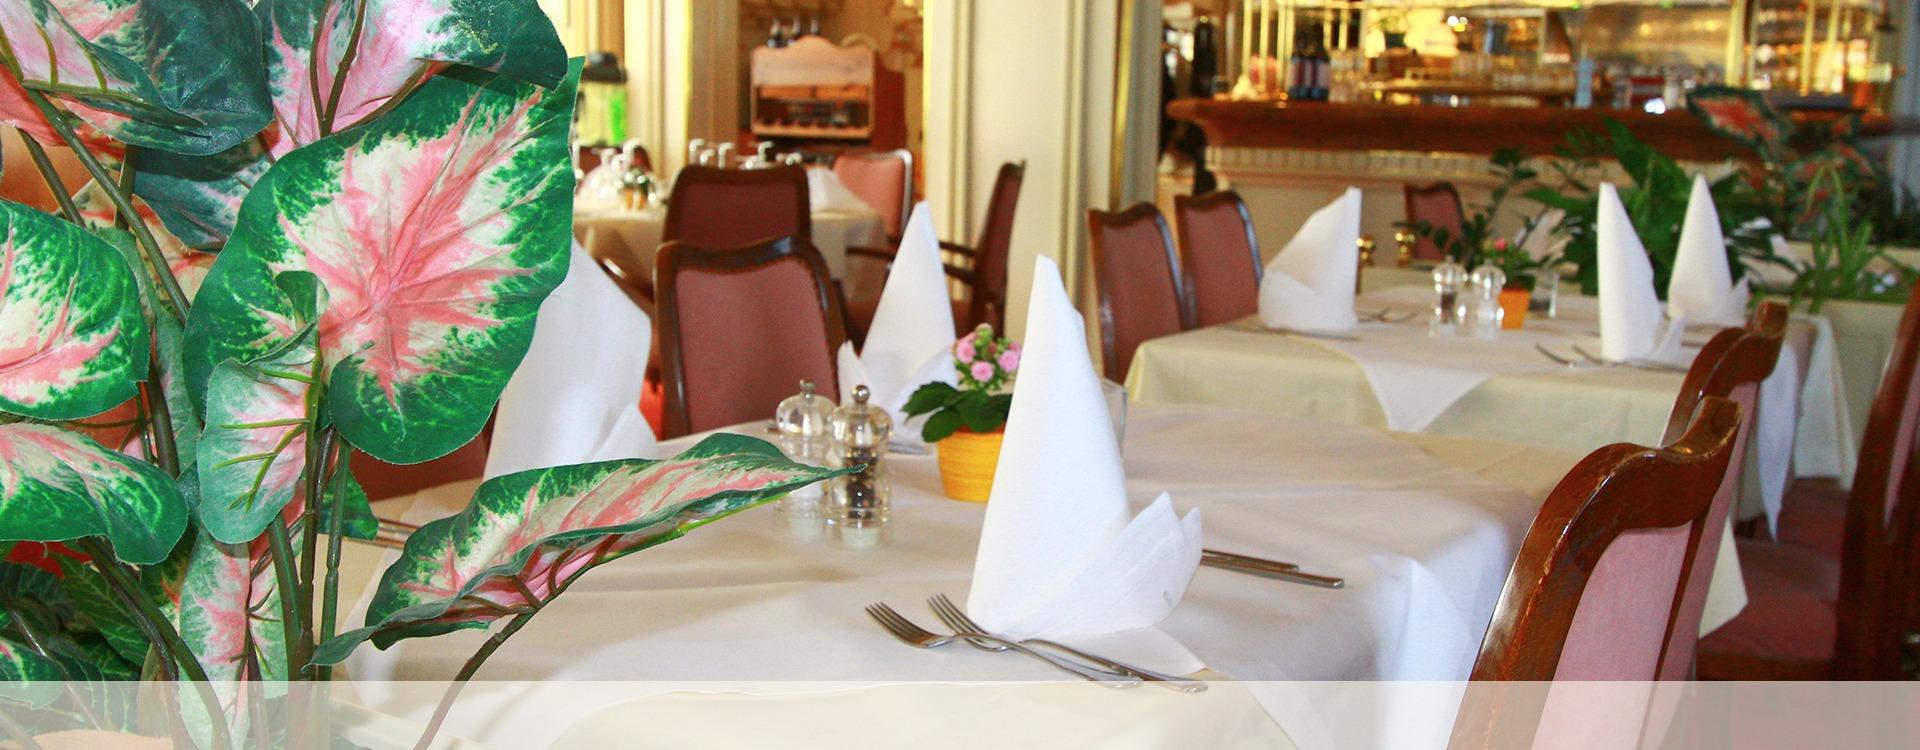 Hotelrezeption im Hotel Villa Eichenau, schöne Atmosphäre